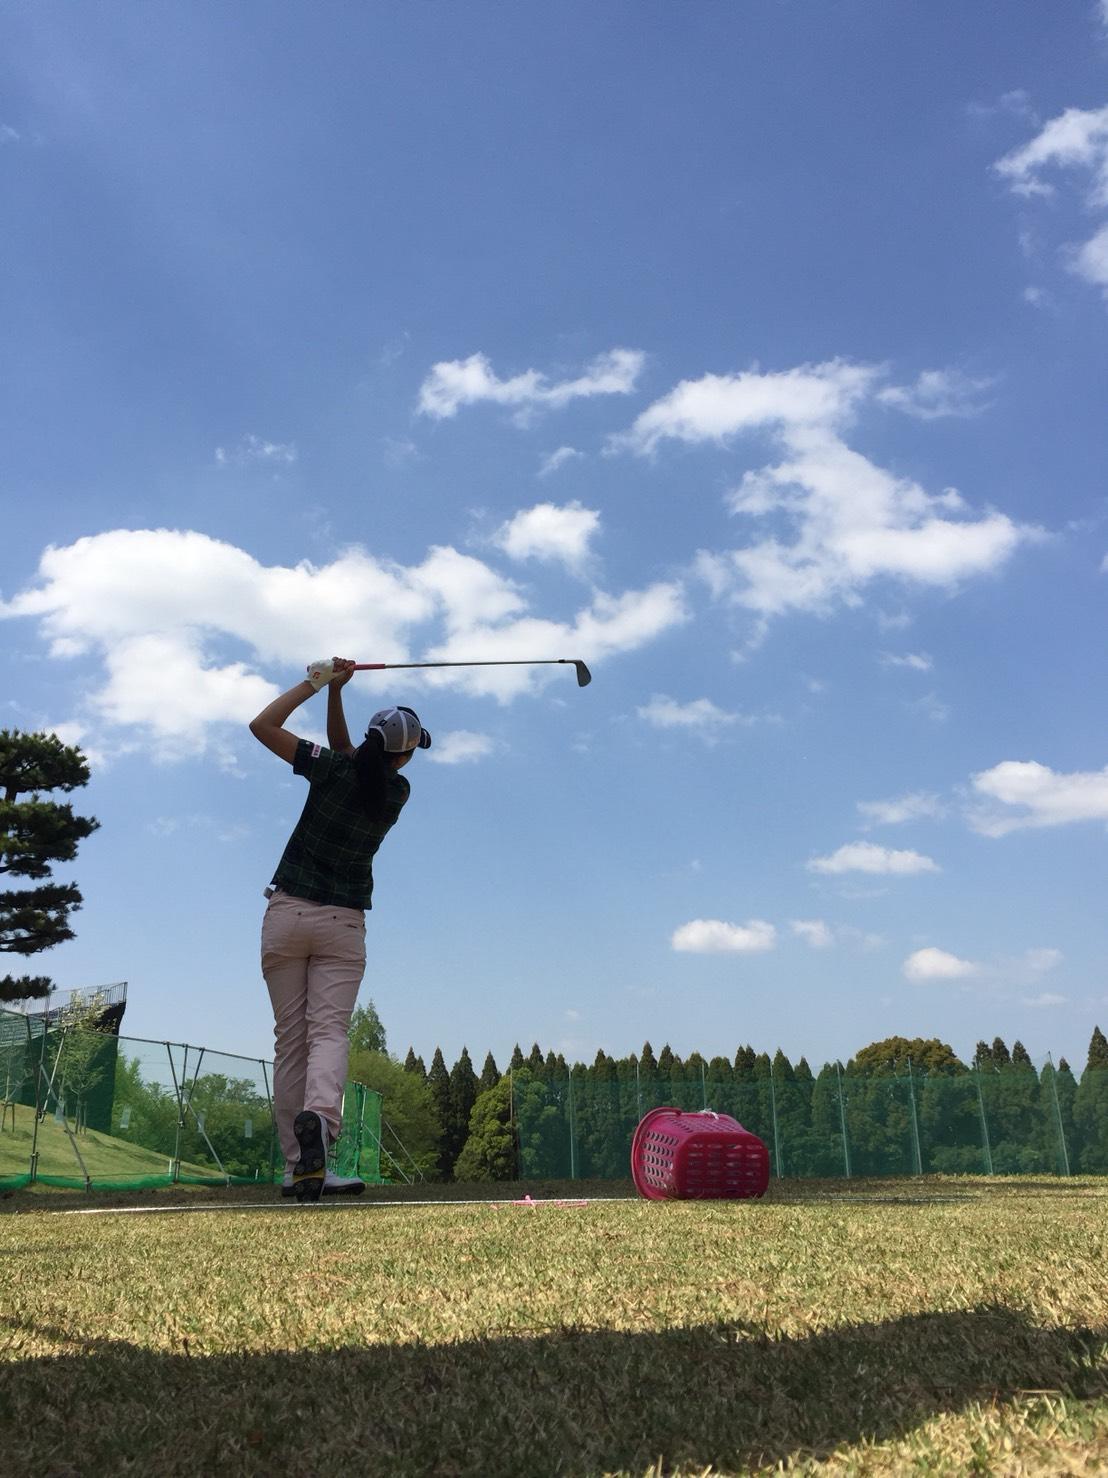 http://www.bs-golf.com/pro/fa6cea7a0761f564171f5cfea4539022f92939bb.JPG